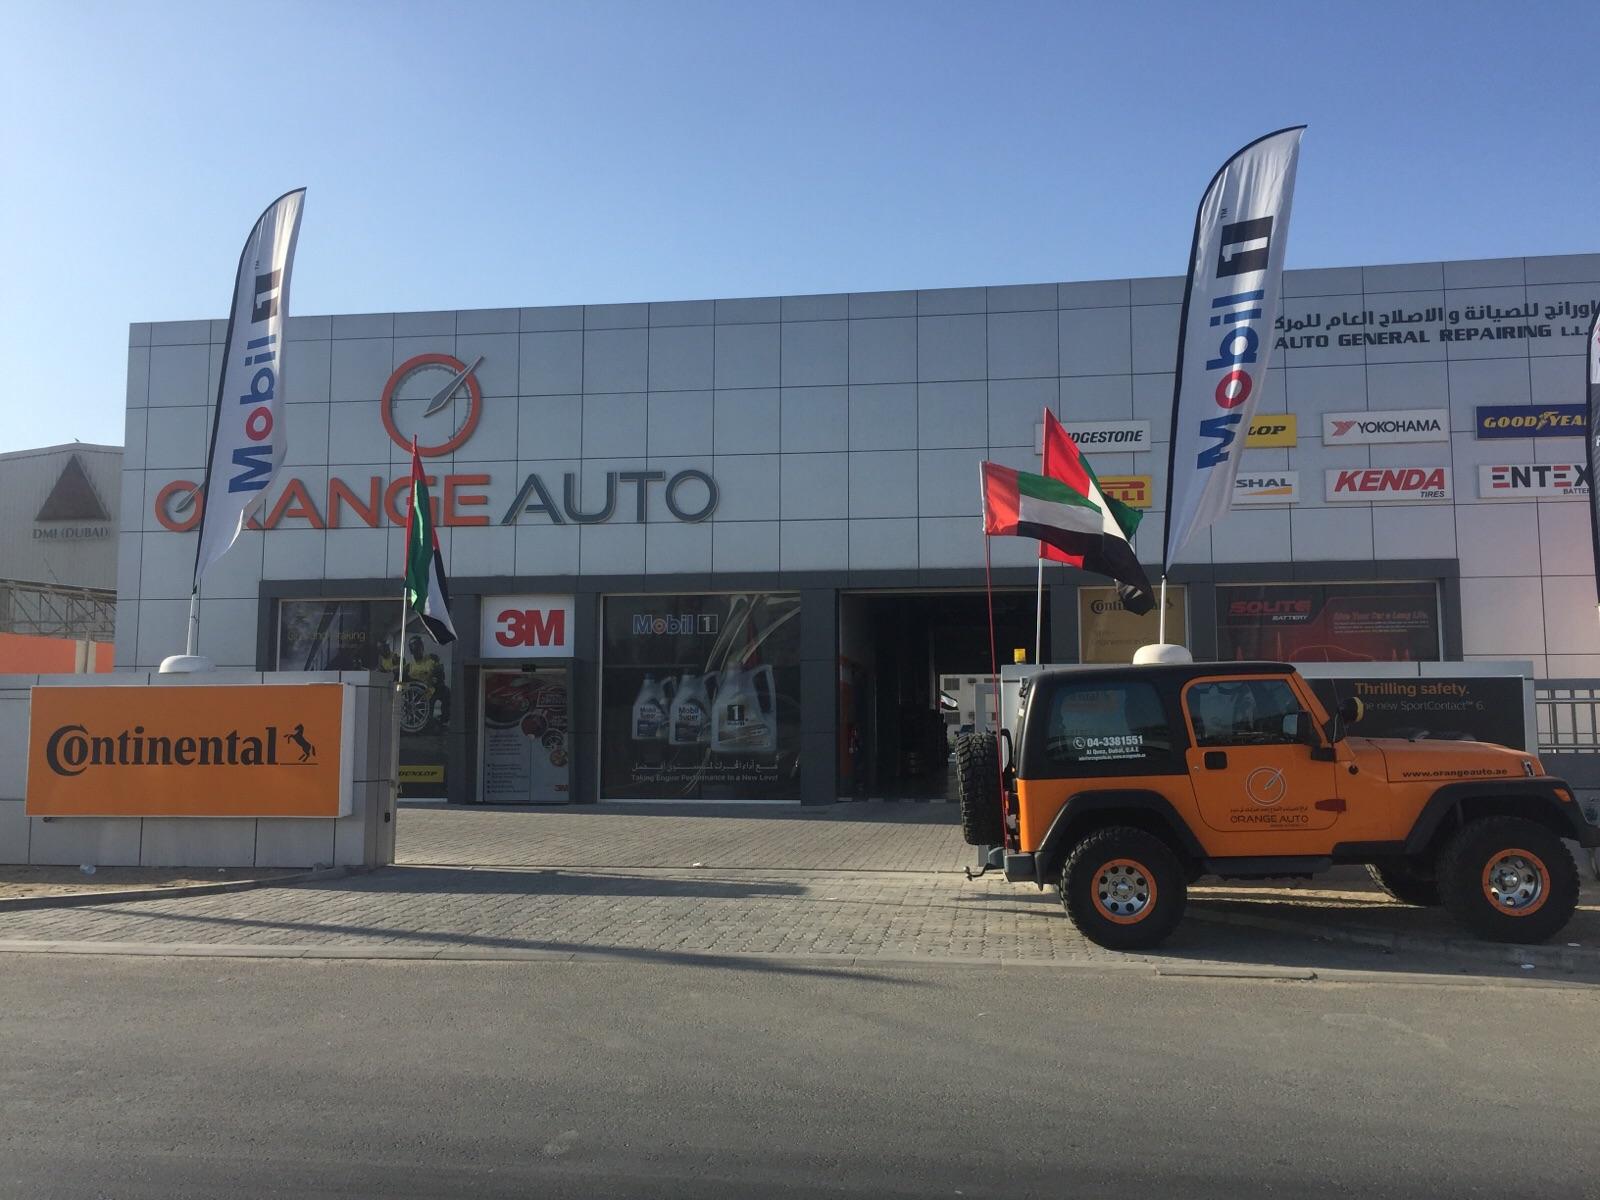 Orange Auto Front